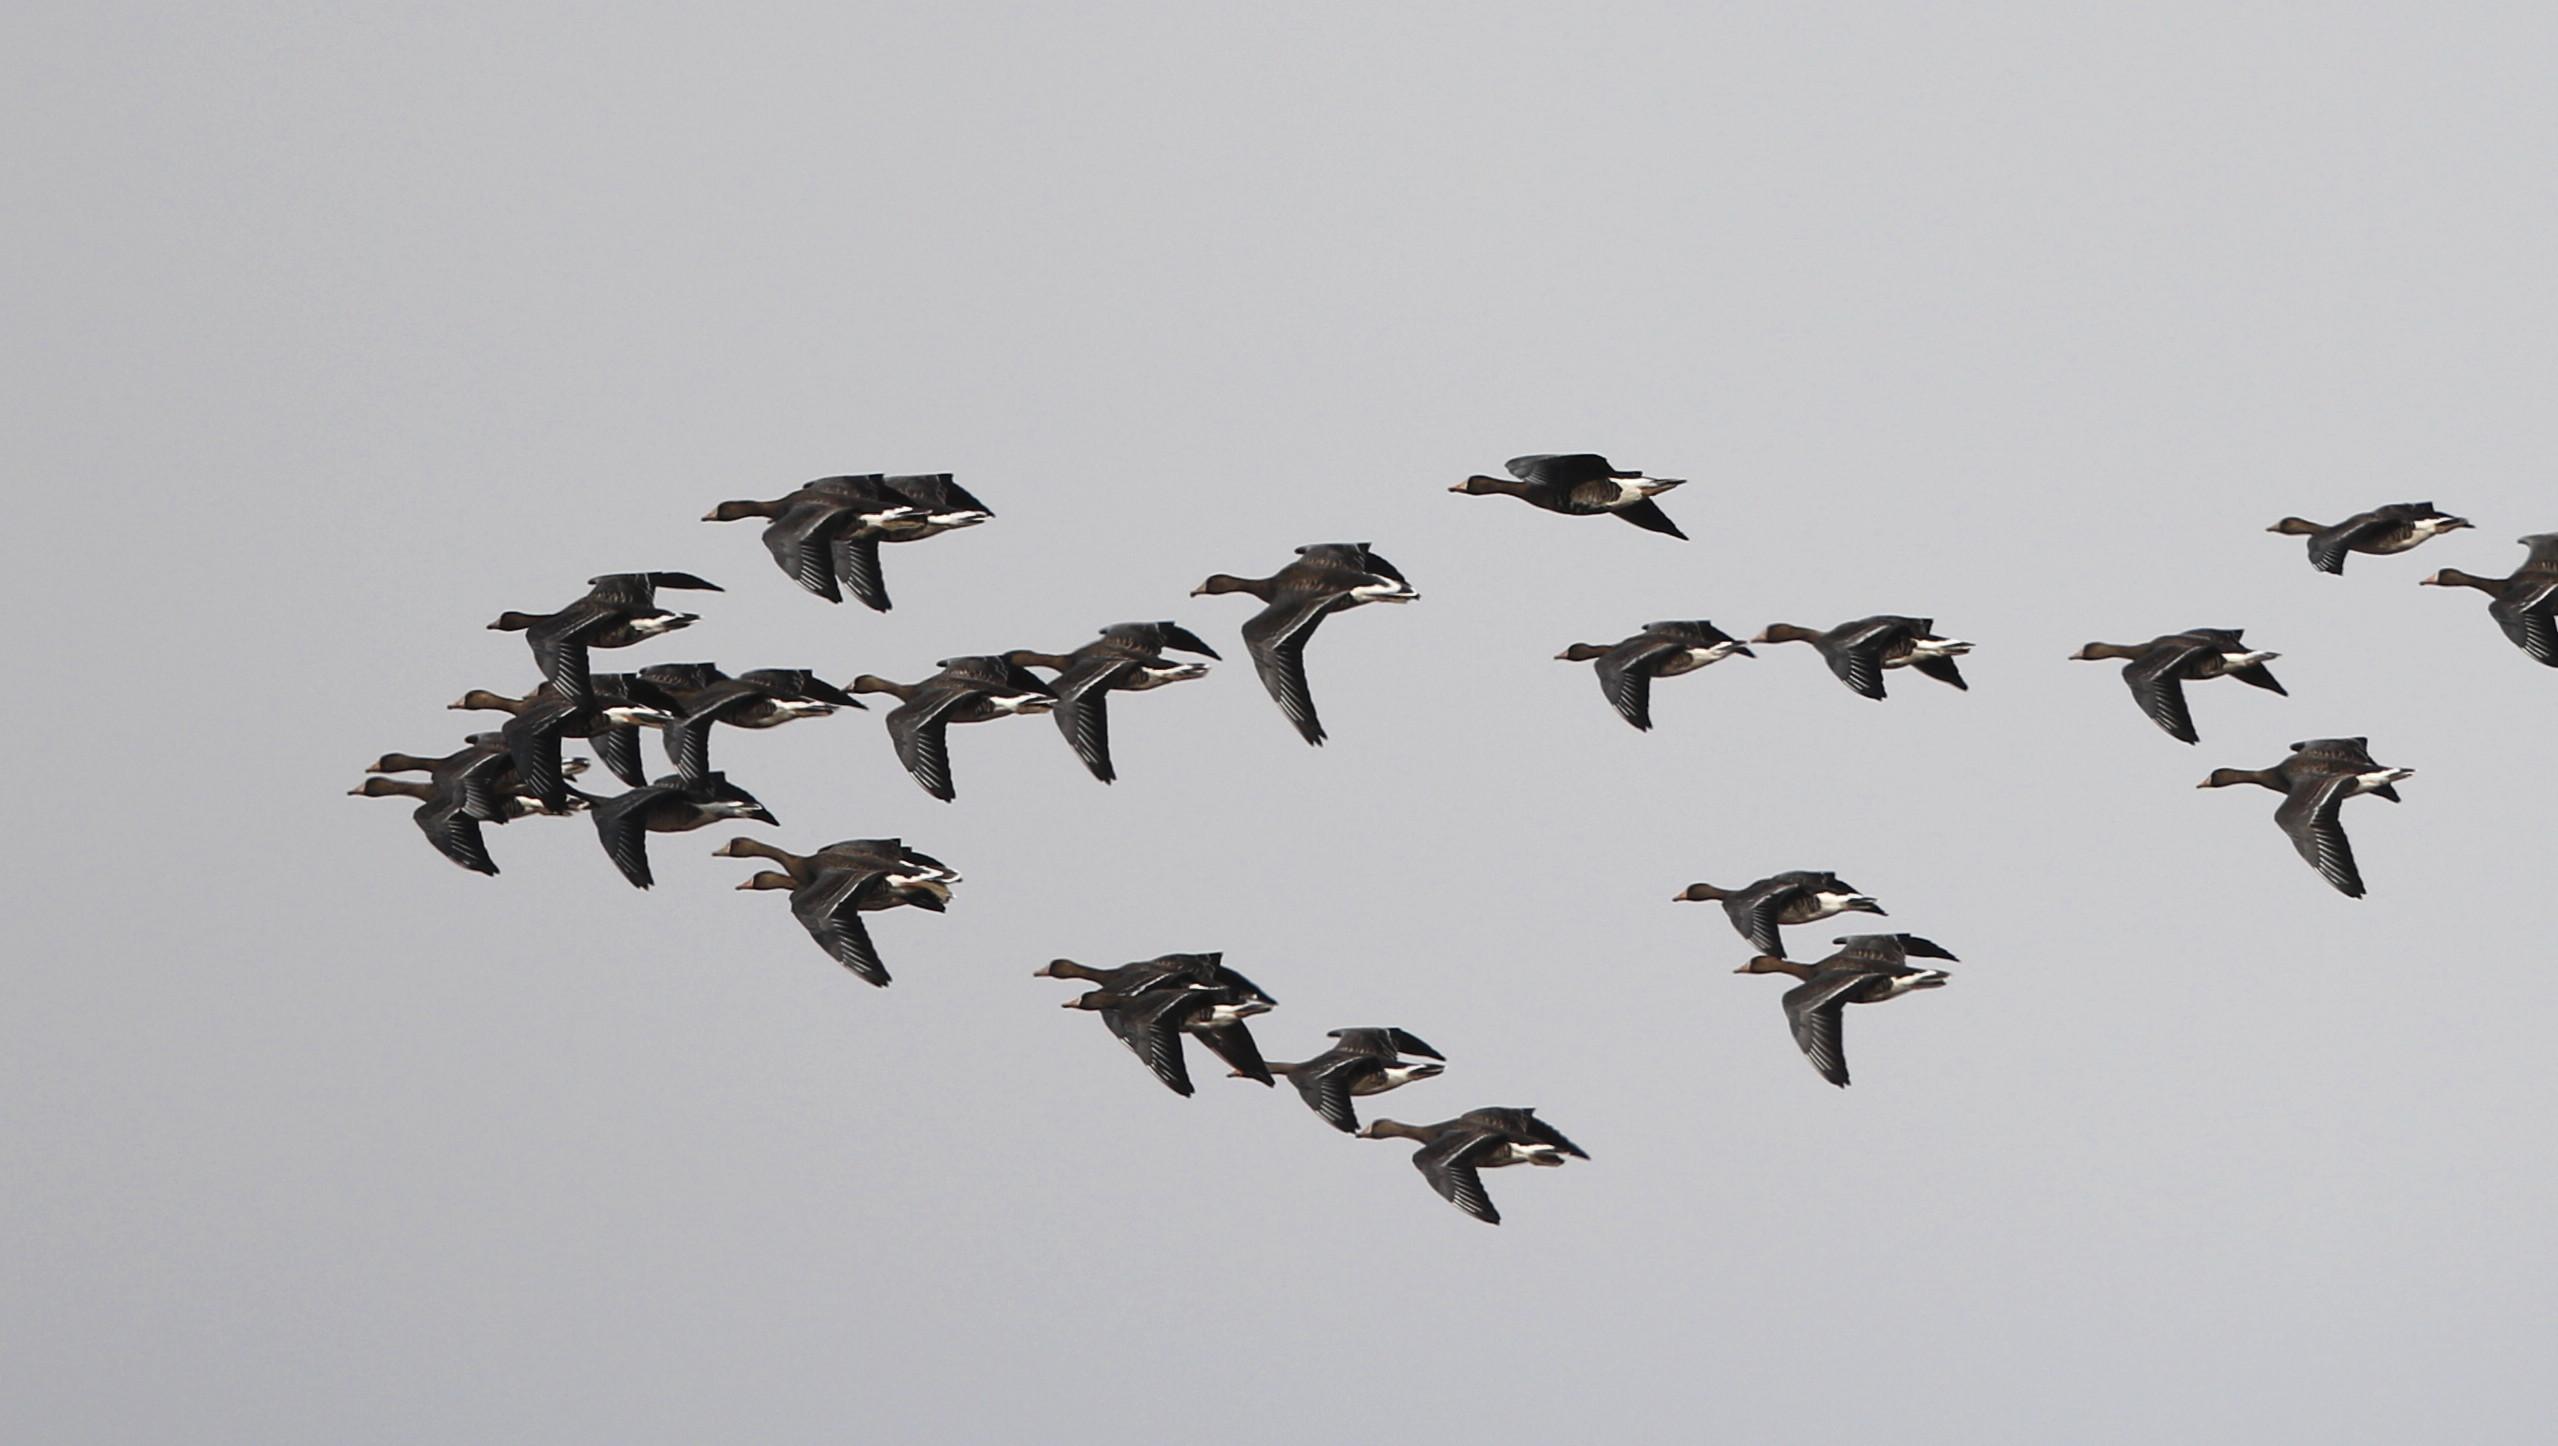 MFの沼でマガンの群れが飛んだ_f0239515_2011698.jpg